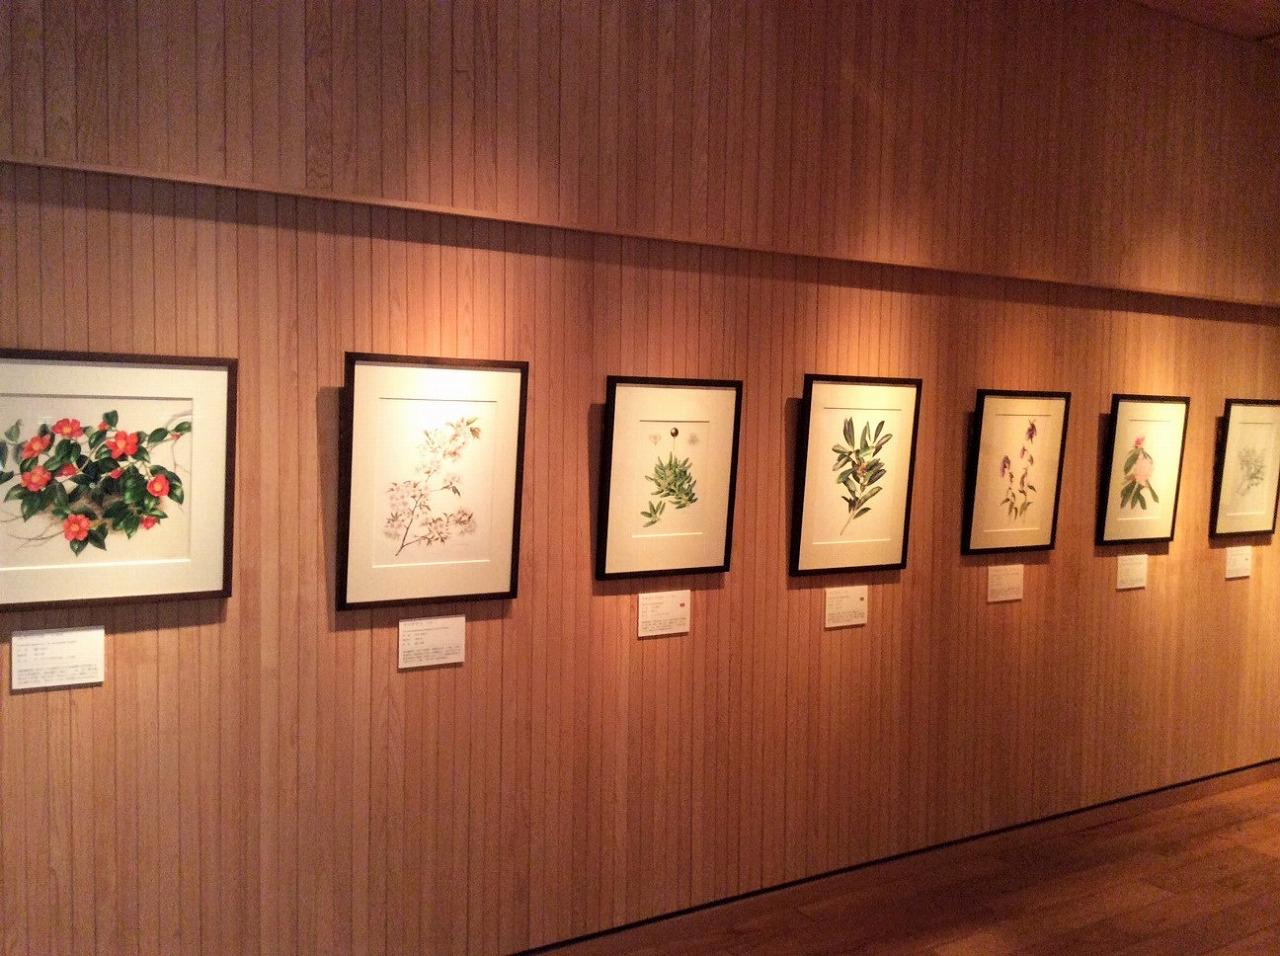 Installation view. All photos courtesy Akiko Enokido.